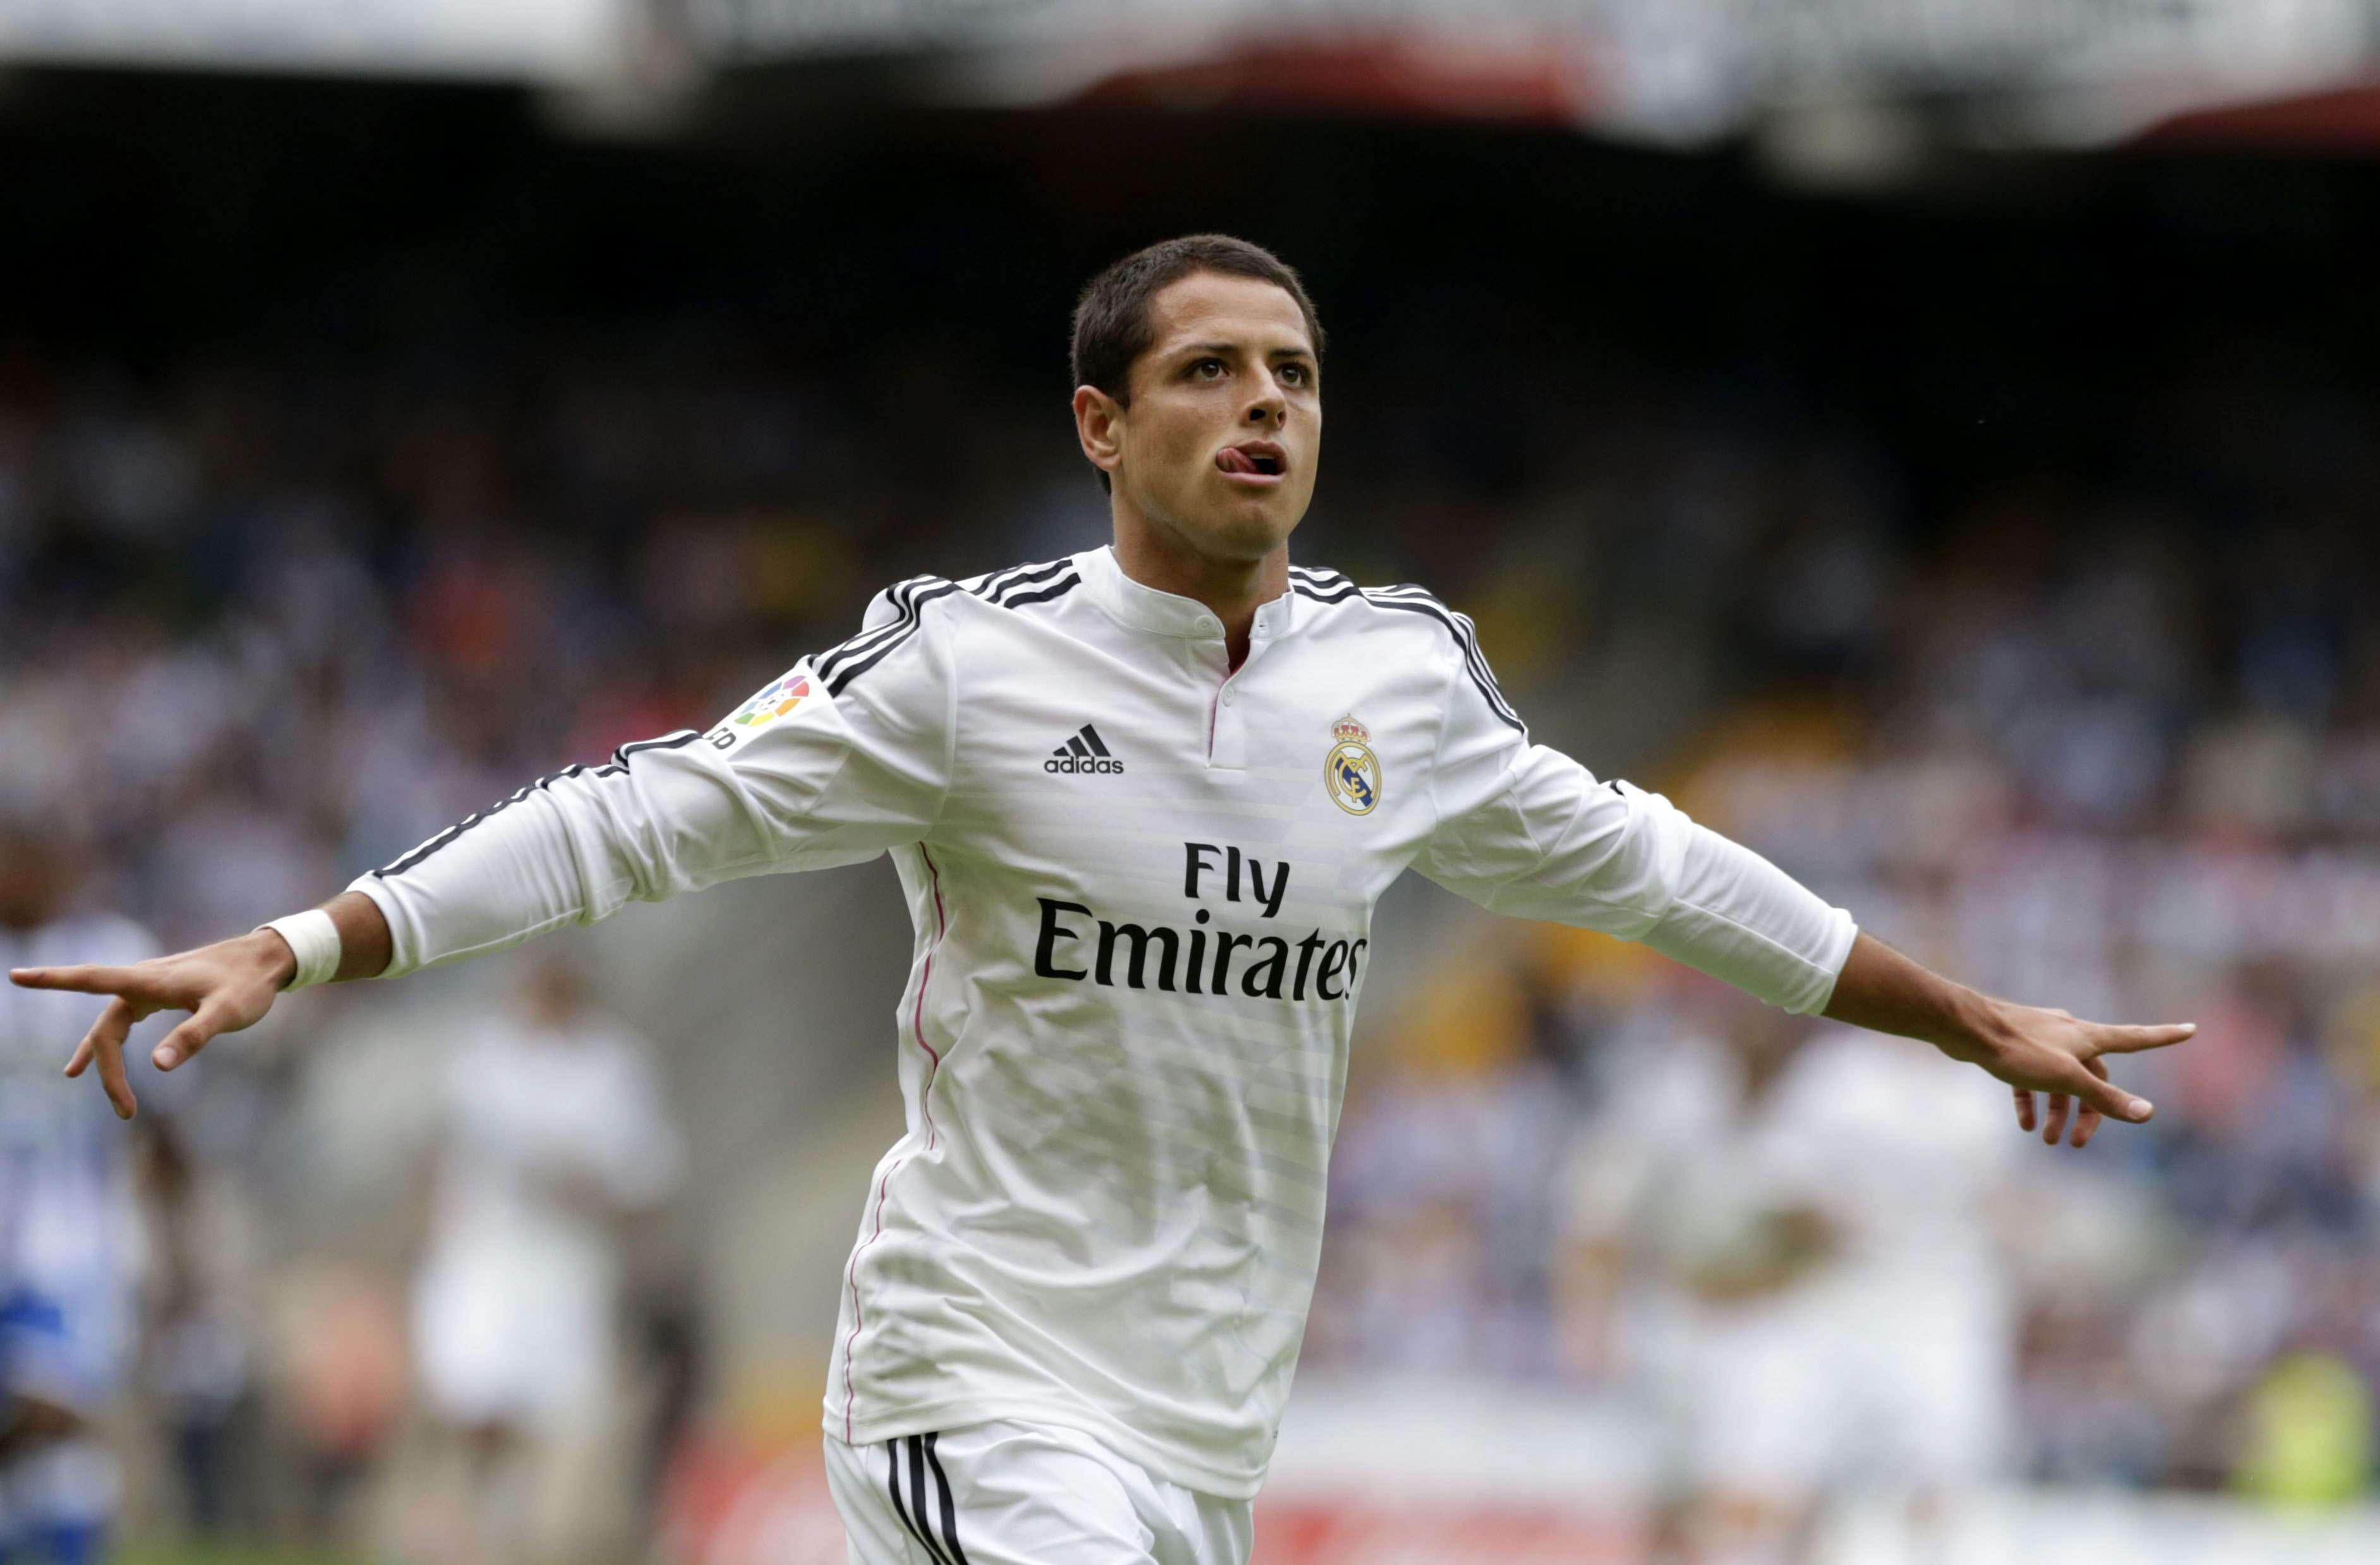 Chicharito fez seus primeiros gols pelo Real Madrid Foto: Lavanderia Jr./EFE